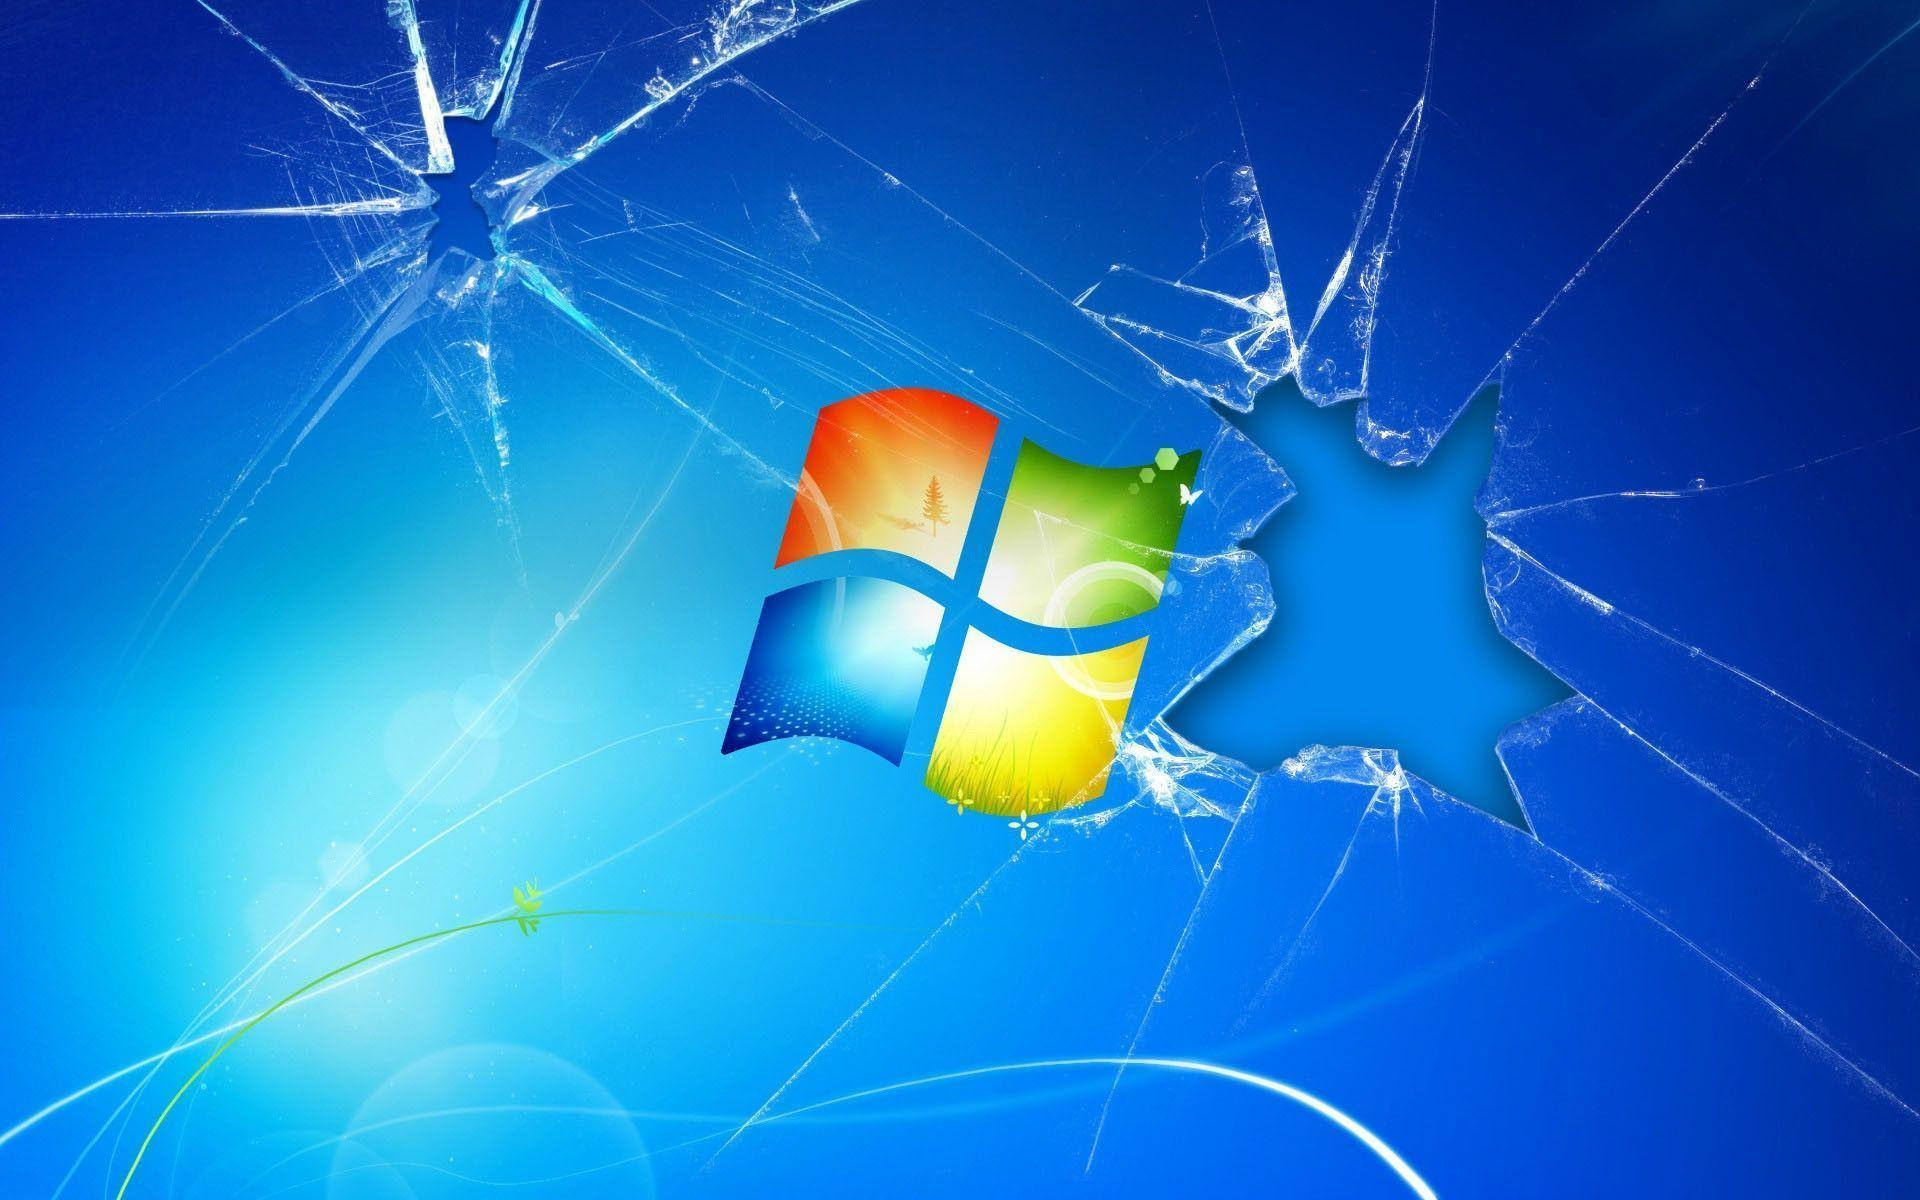 Broken Screen Wallpaper: Cracked Screen Wallpapers